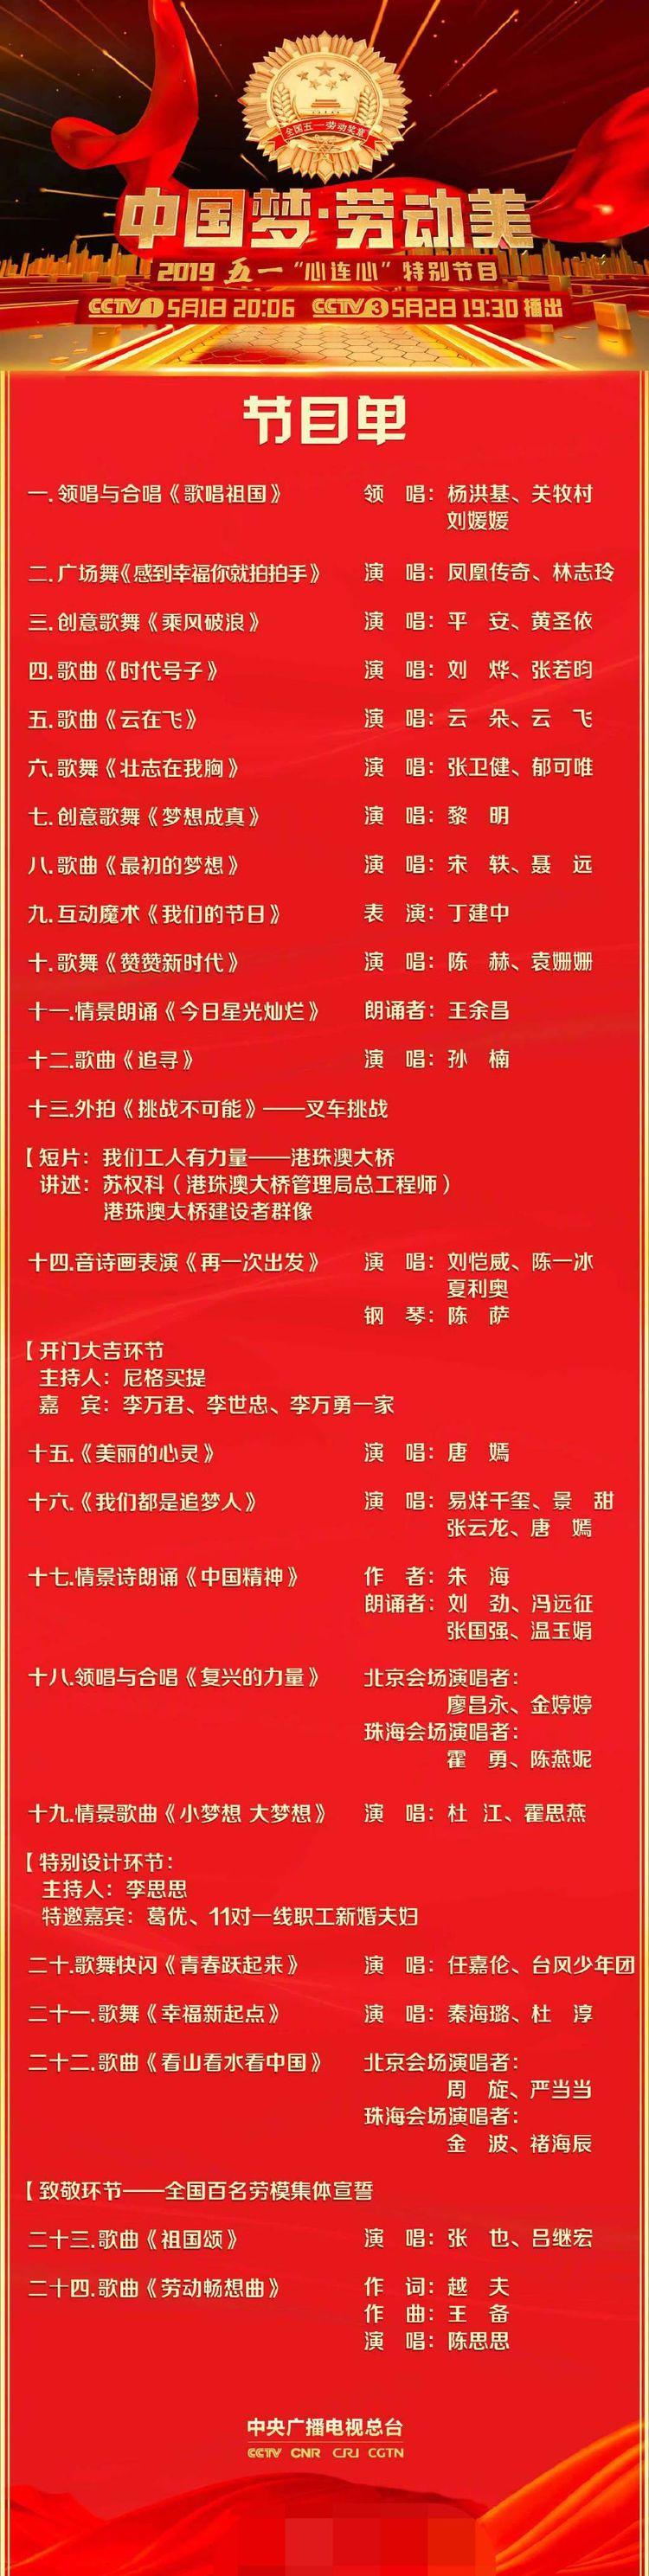 央视五一晚会节目单曝光,刘恺威登台演唱,唐嫣连续表演两个节目